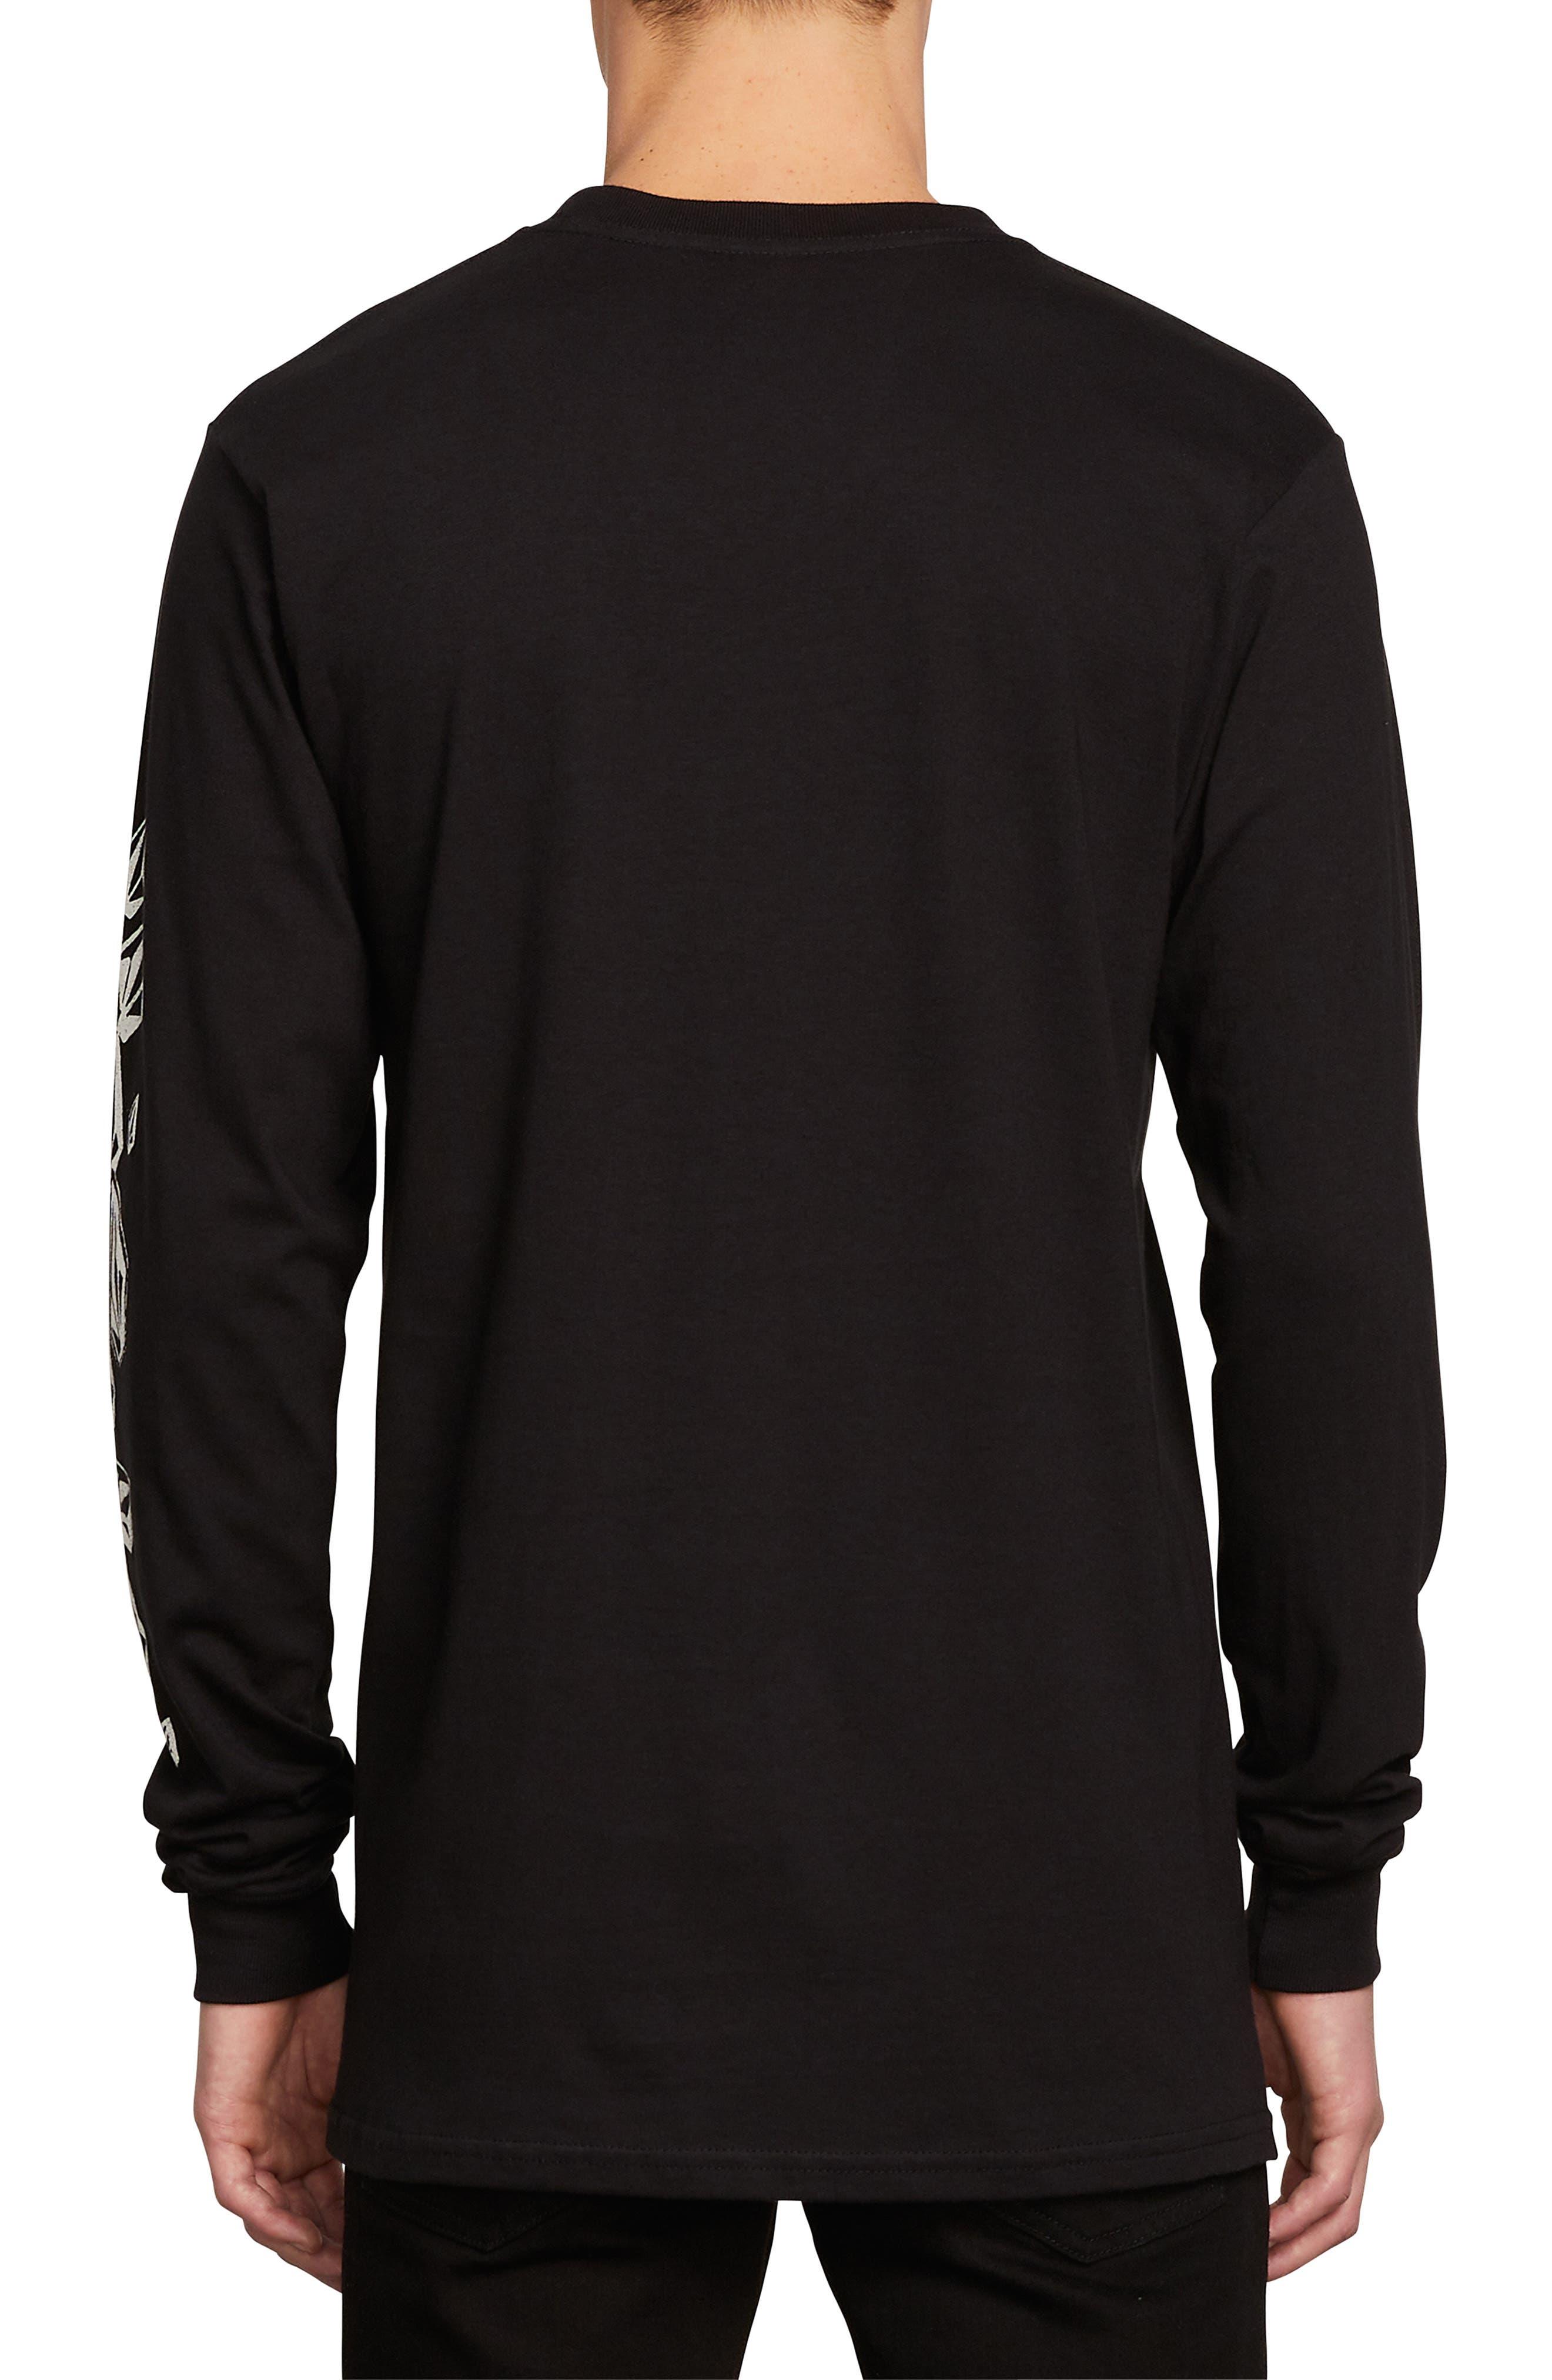 Stone Spew T-Shirt,                             Alternate thumbnail 2, color,                             BLACK